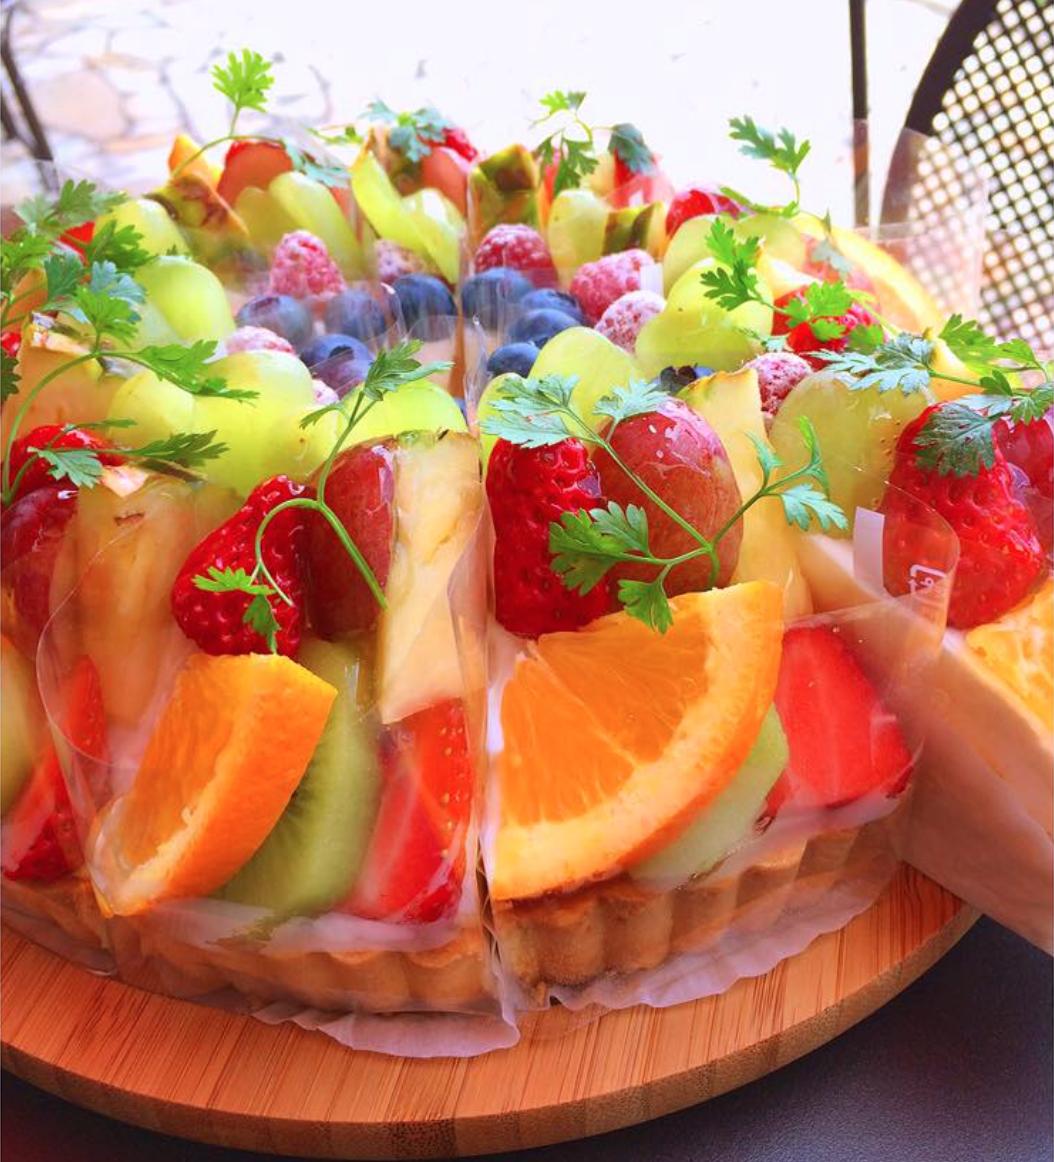 心ゆくまで苺を楽しむ。ド迫力の苺パフェ、名古屋西区の「Le Cafe Andoll」で連日完売中! - 24d0b535782c7b96b6013fae542c4f62